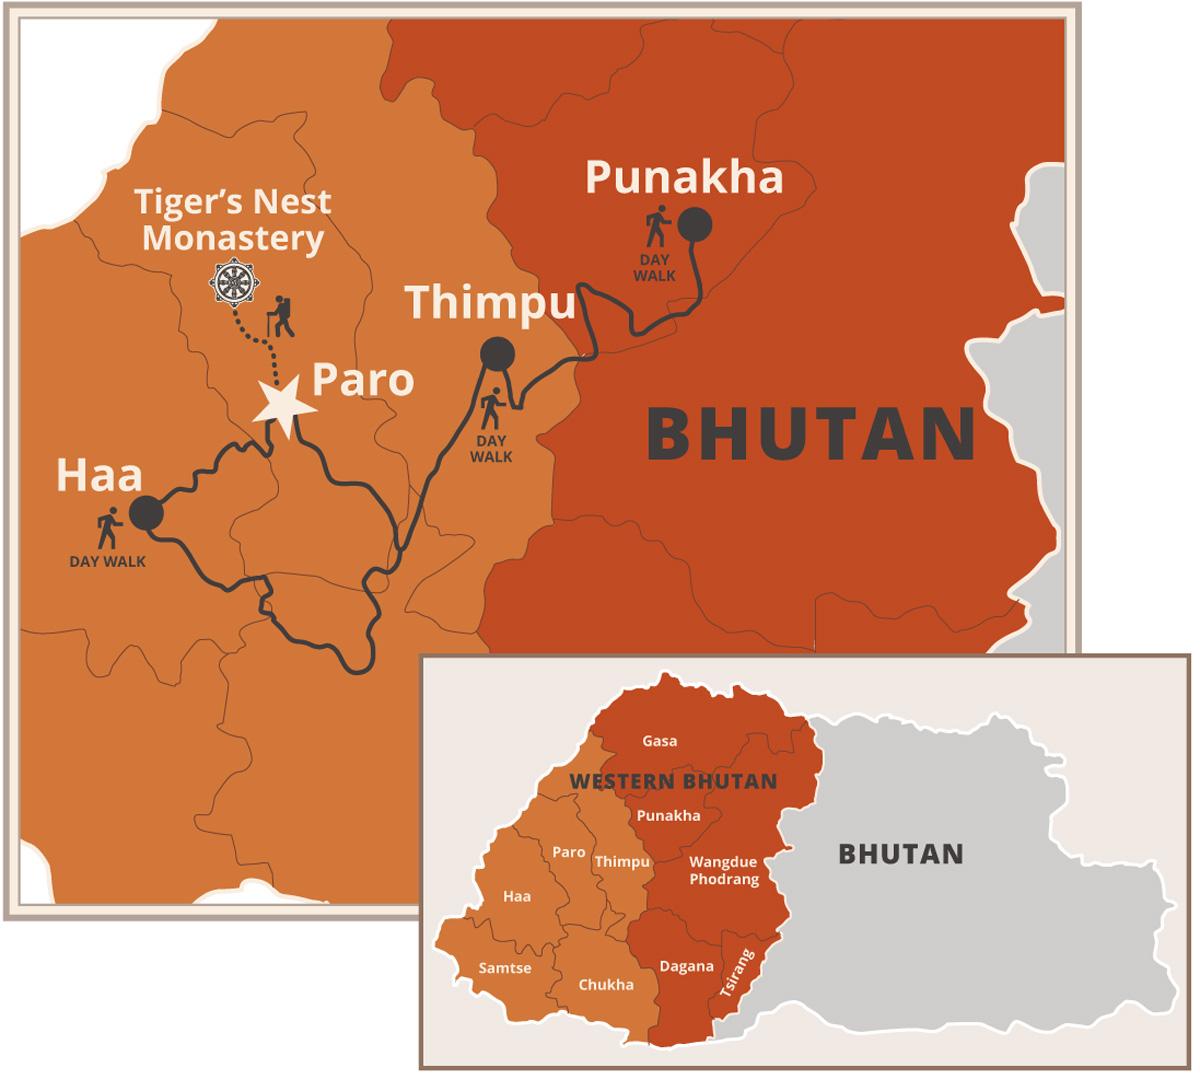 Bhutan_walking_holiday.jpg